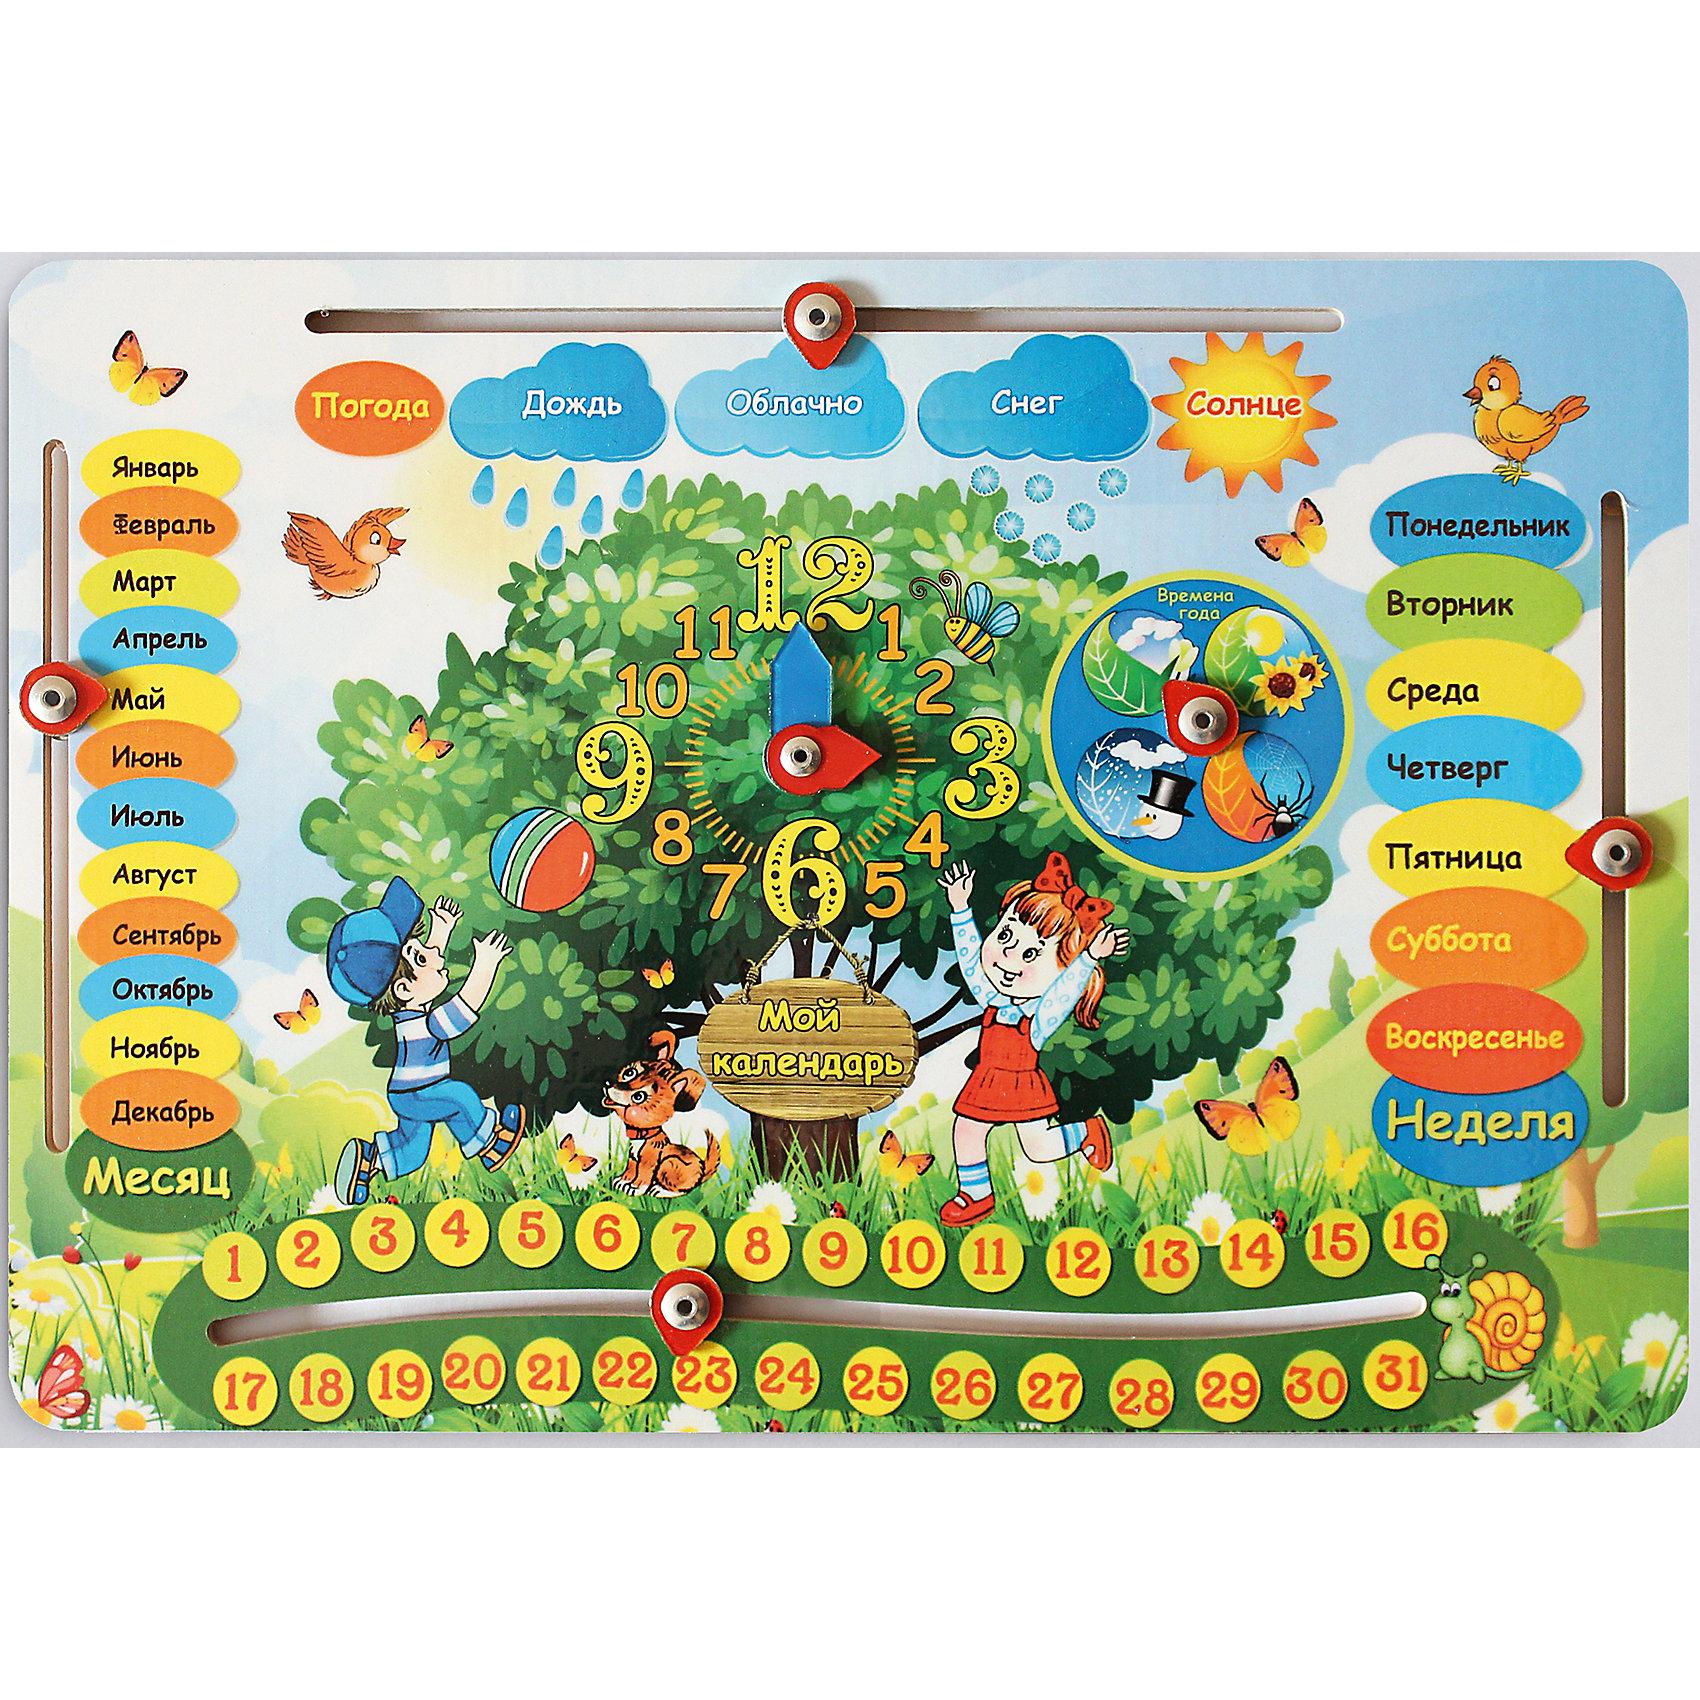 Развивающая игрушка: обучающая доска  «Календарь», Мастер игрушекРазвивающая игра Календарь познакомит малыша с месяцами, днями недели, погодой, числами и часами. Доска оснащена движущимися стрелками, с помощью которых можно установить нужное время или месяц. Сначала ребенку нужно будет показать как это делается и объяснить что значит каждый месяц или час. С этой доской ребенок с радостью получит такие важные знания!<br><br>Дополнительная информация:<br>Материал: металл, дерево<br>Размер: 27.5x19 x0.5 см<br>Вес: 220 грамм<br>Вы можете приобрести Календарь в нашем интернет-магазине.<br><br>Ширина мм: 275<br>Глубина мм: 190<br>Высота мм: 10<br>Вес г: 220<br>Возраст от месяцев: 36<br>Возраст до месяцев: 120<br>Пол: Унисекс<br>Возраст: Детский<br>SKU: 4953661